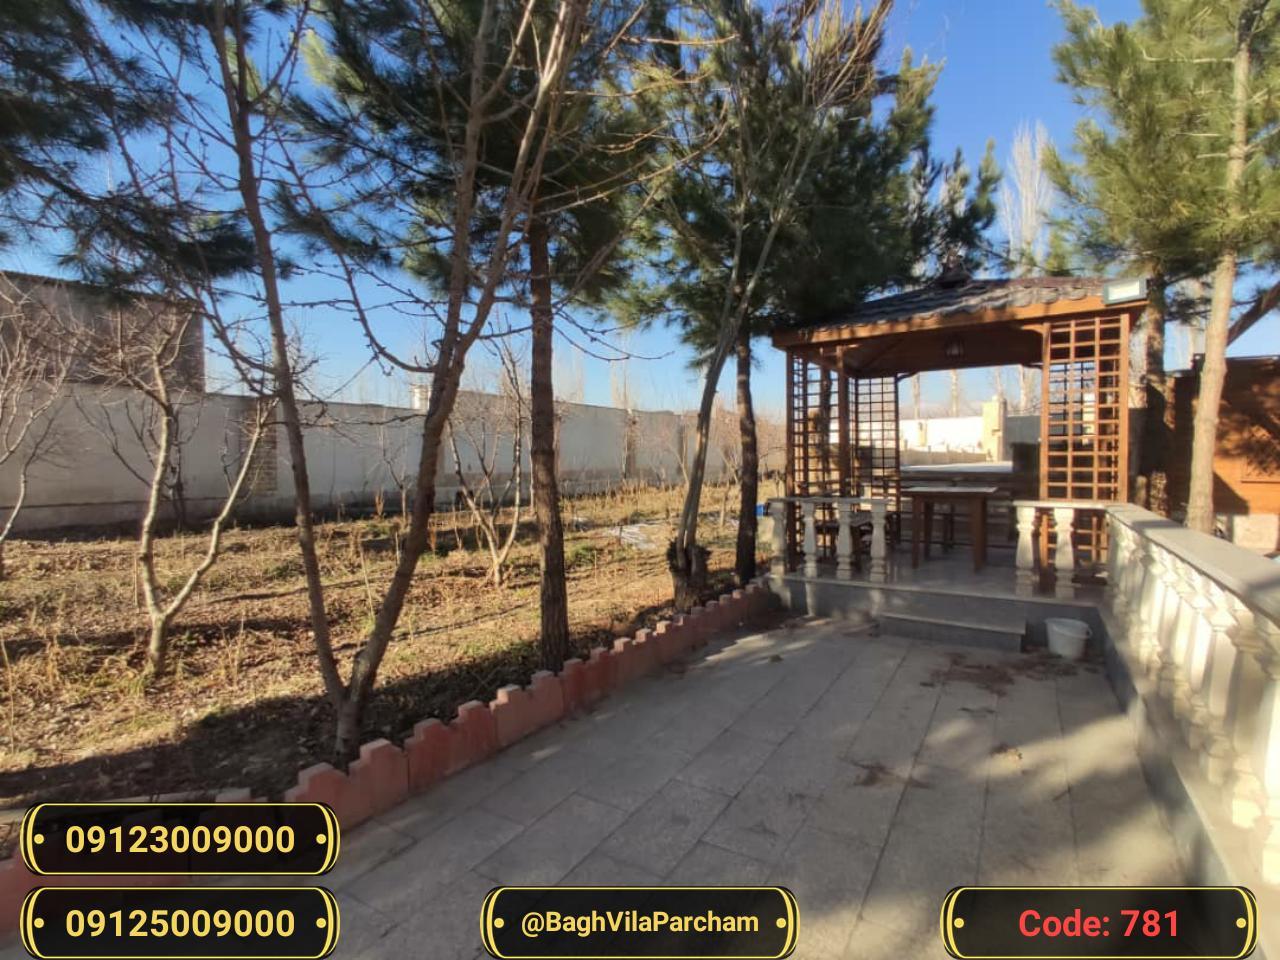 تصویر عکس باغ ویلا شماره 9 از ویلای ۱۰۵۰ متر ویلا Picture photo image 9 of ۱۰۵۰ متر ویلا